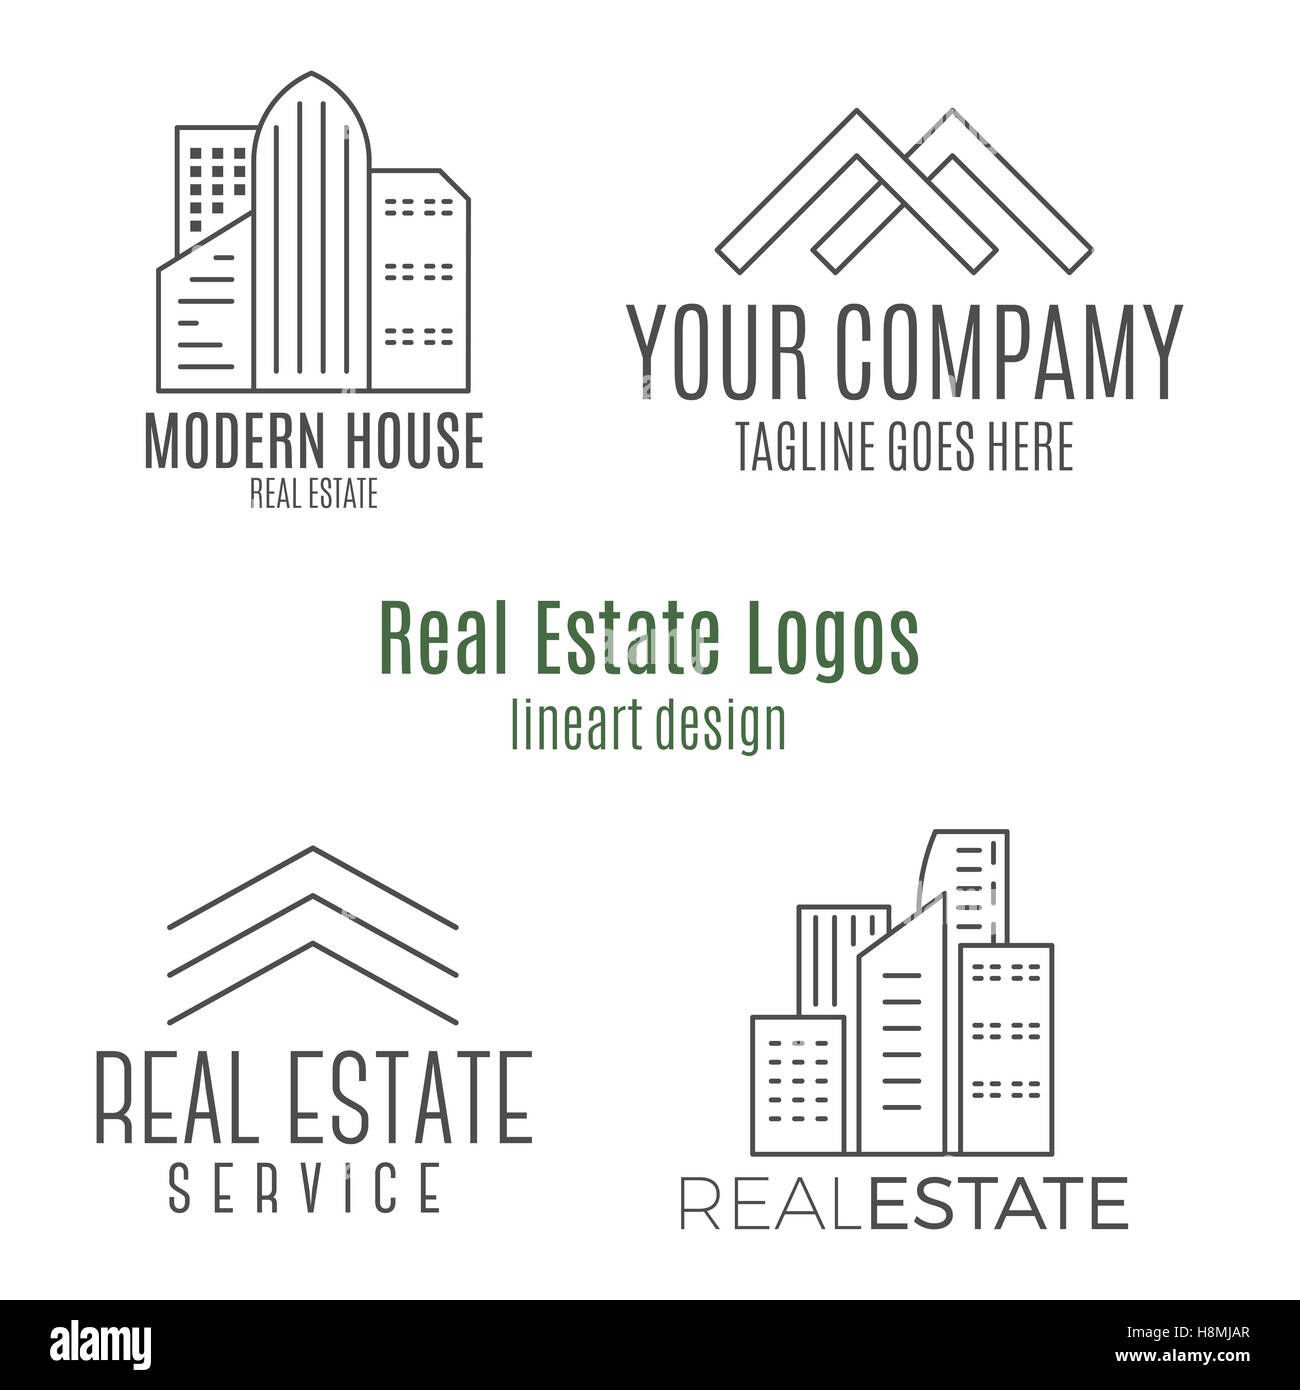 Real estate logo - Stock Image